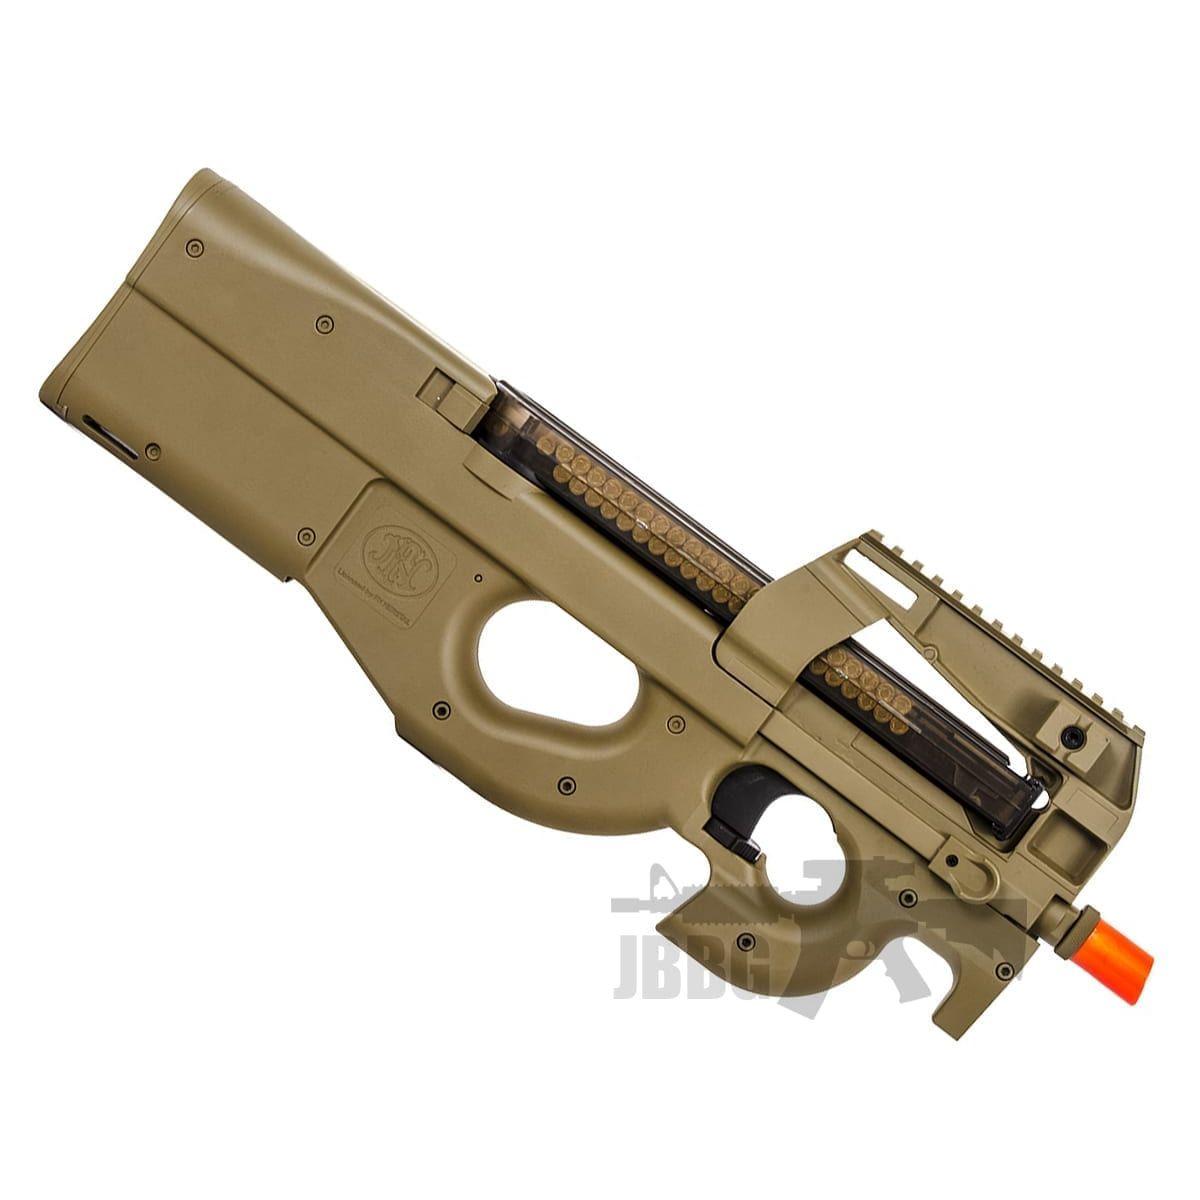 p90 airsoft gun